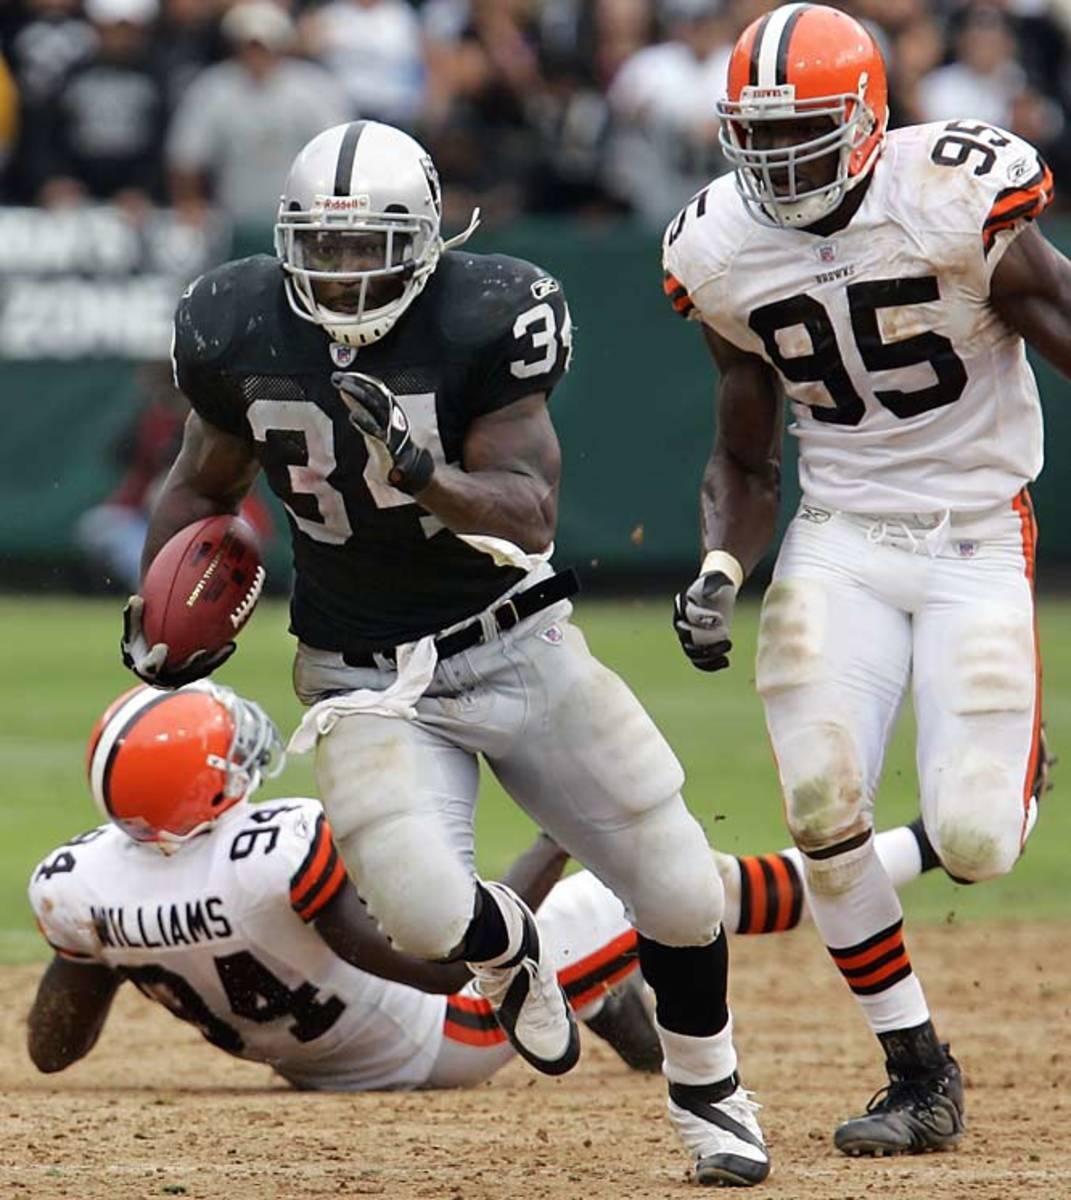 Raiders 26, Browns 24